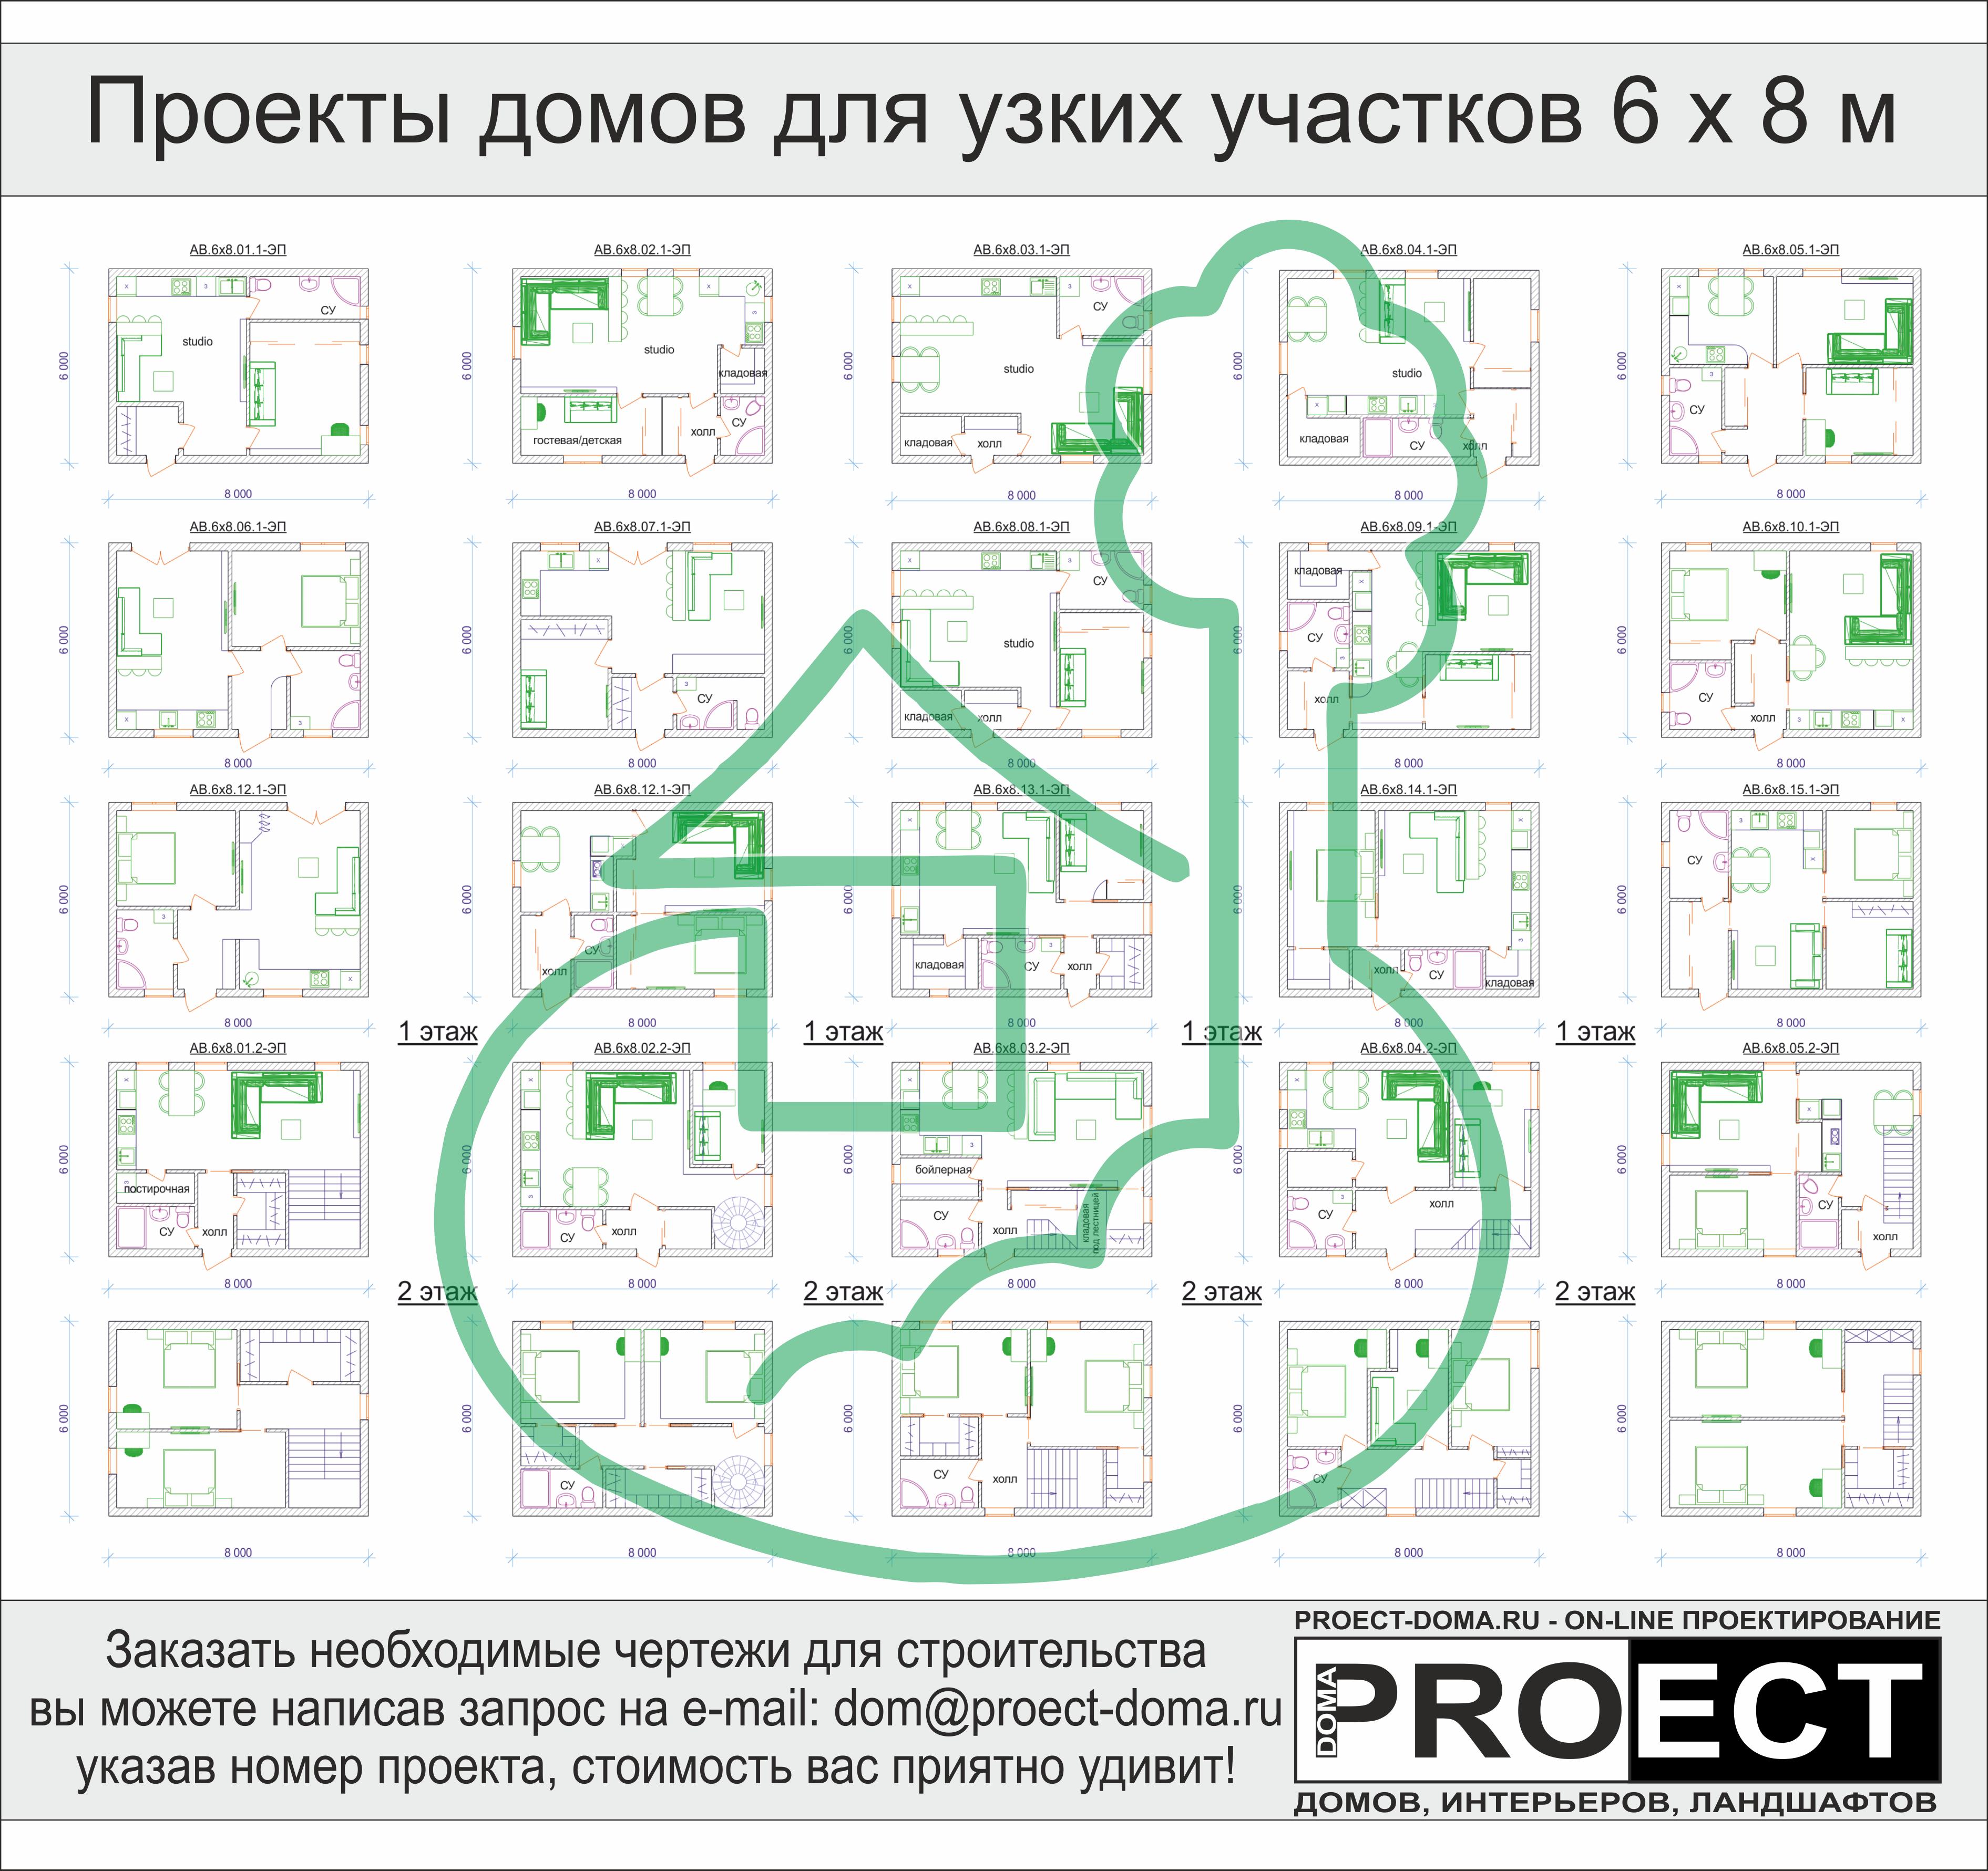 Проект дома для узкого участка - готовые планировочные